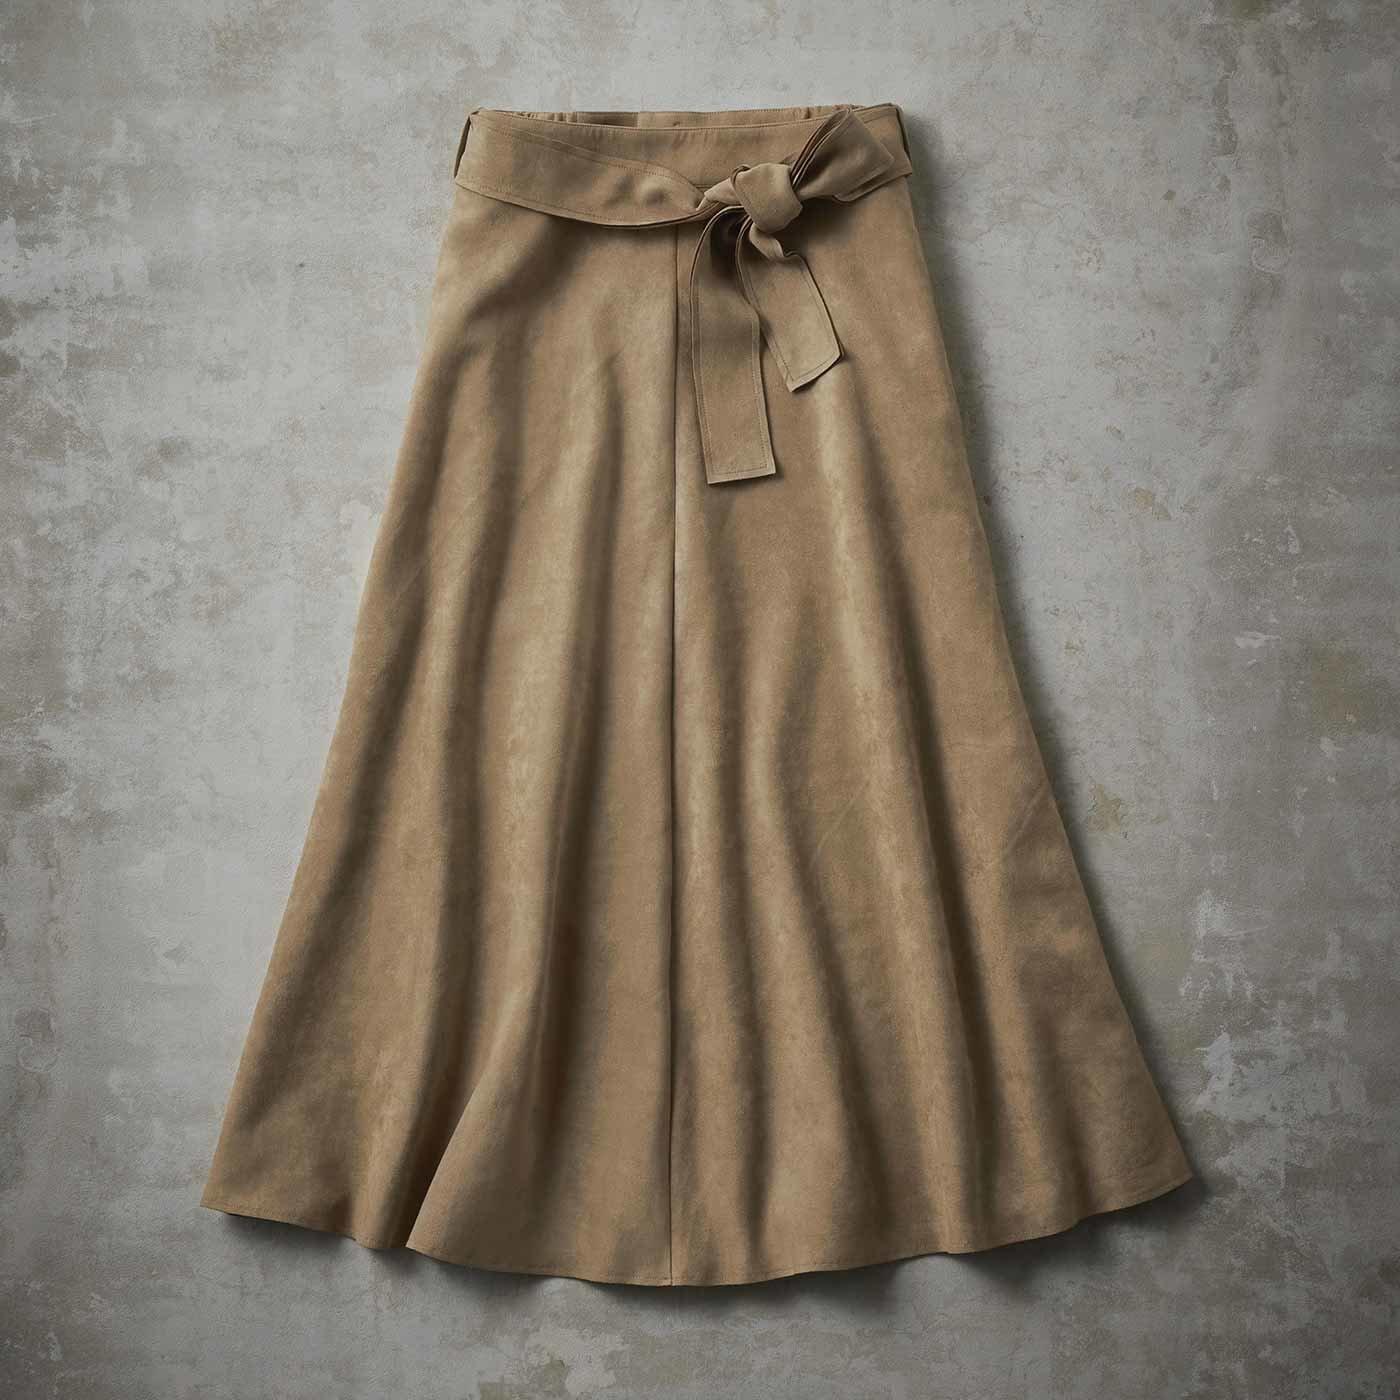 【3~10日でお届け】IEDIT[イディット] 肉厚カットソースエードのフレアーロングスカート〈ベージュ〉